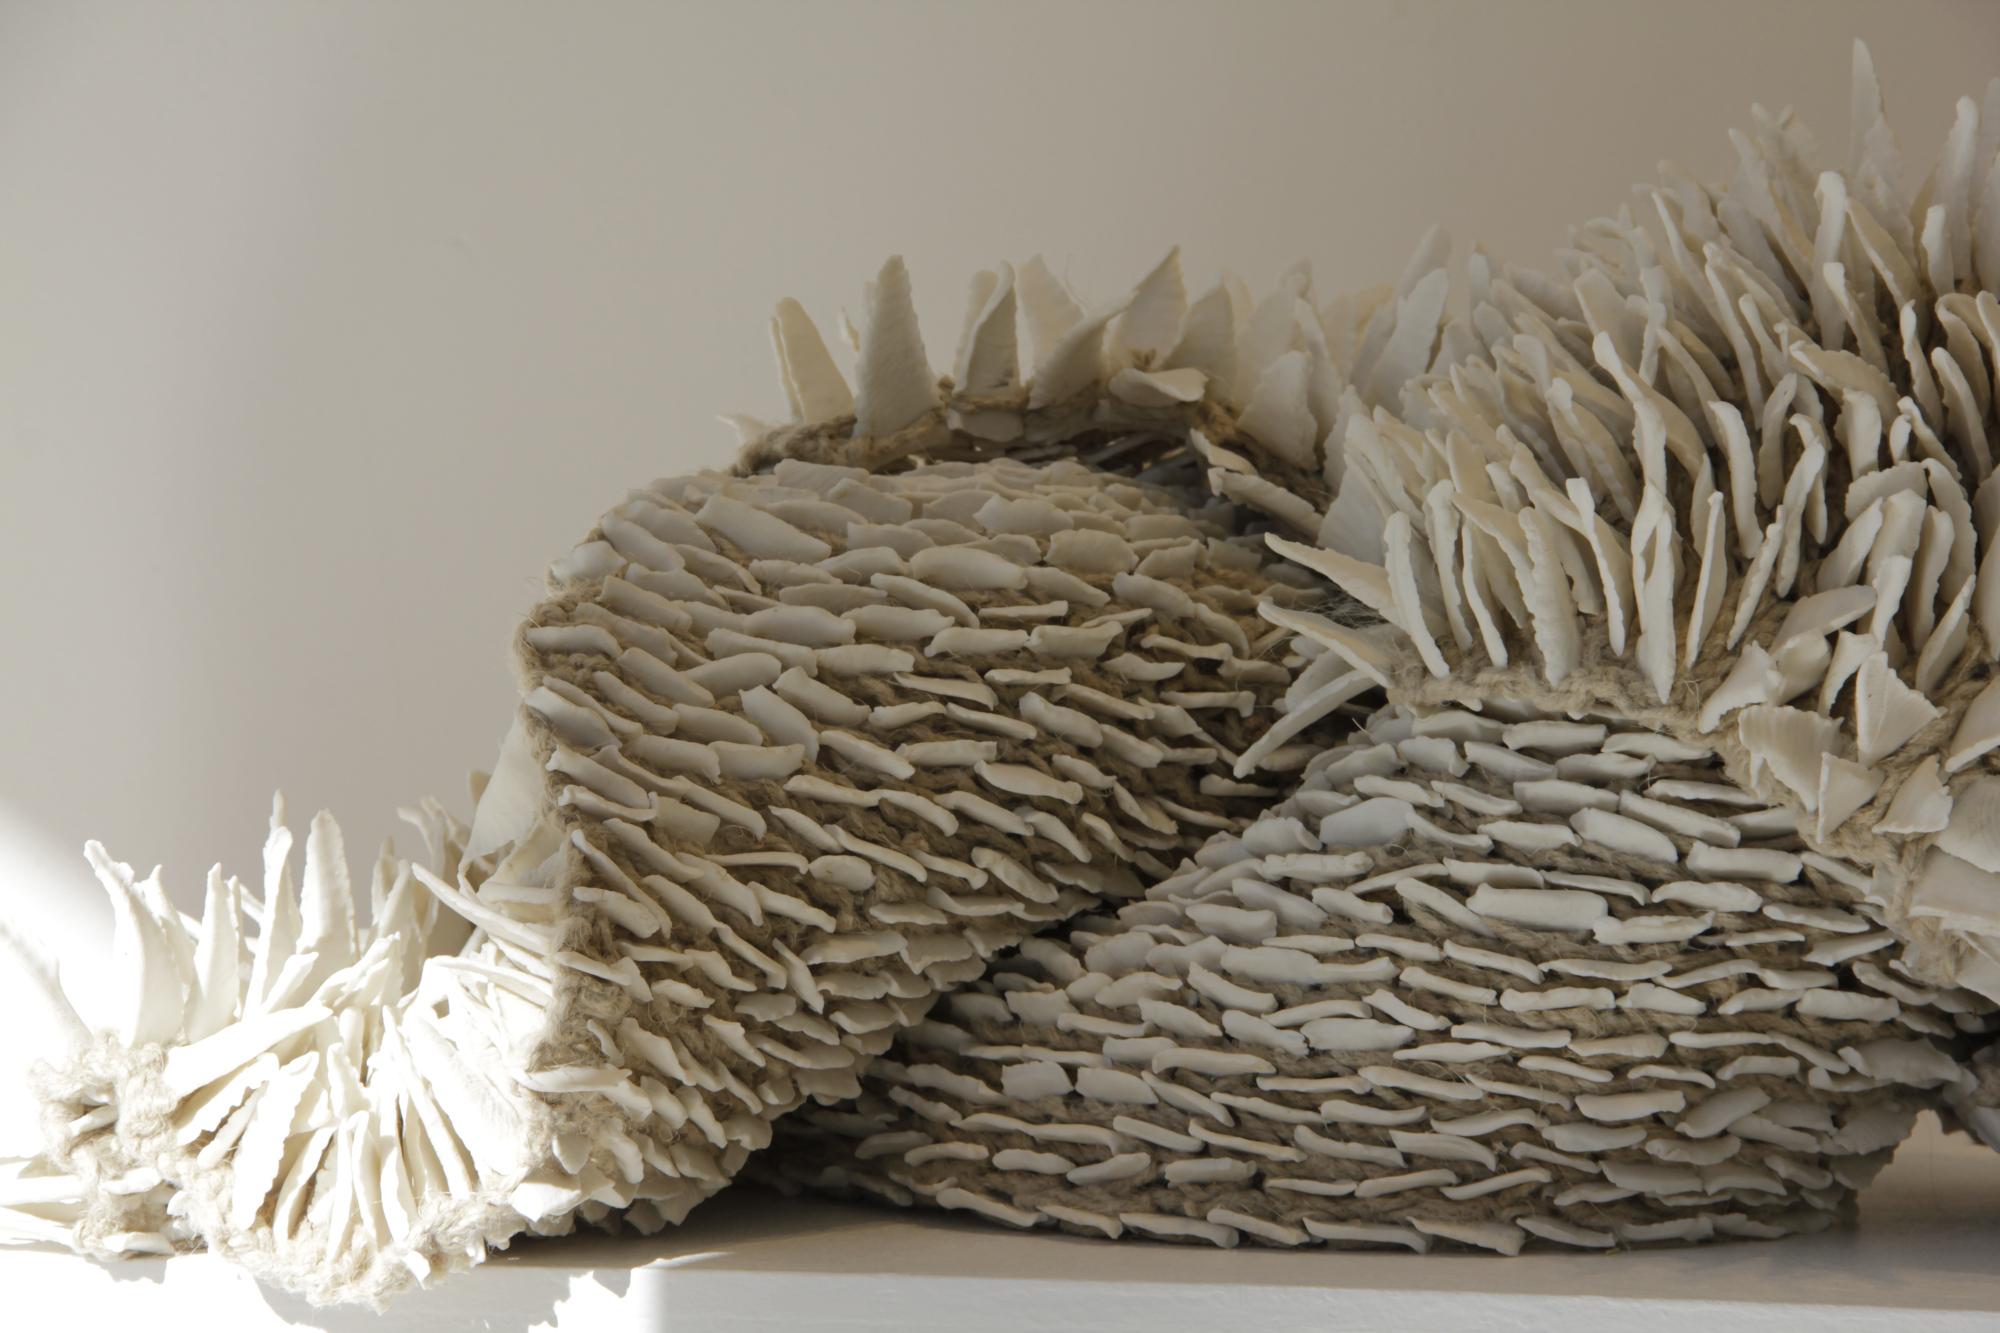 benedicte-vallet-sculpture-exposition-ga